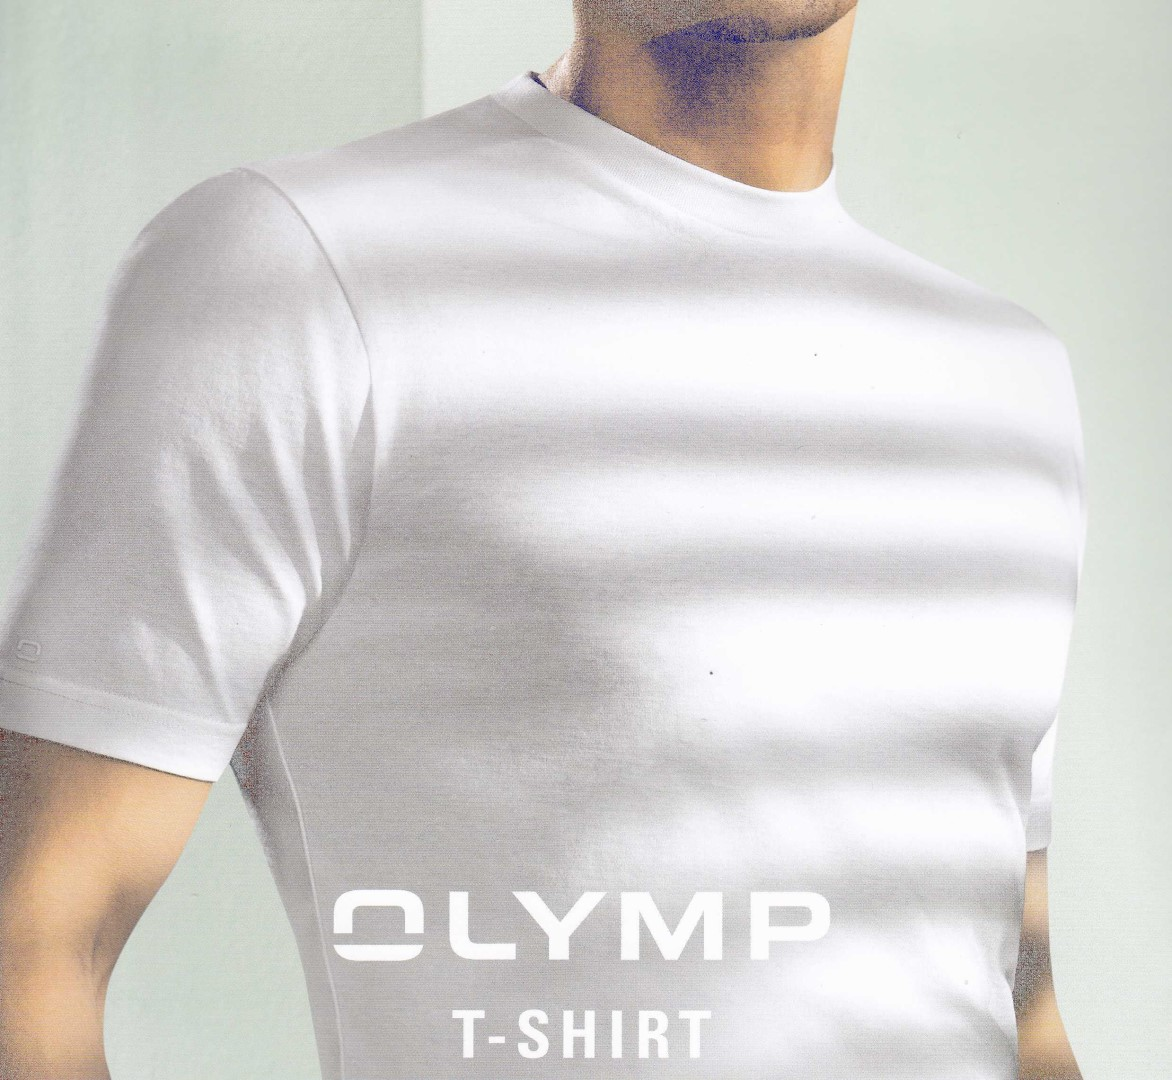 dd07ebefe484 Biele bavlnené tričko Olymp s krátkym rukávom - V-výstrih - výhodné balenie  4 ks